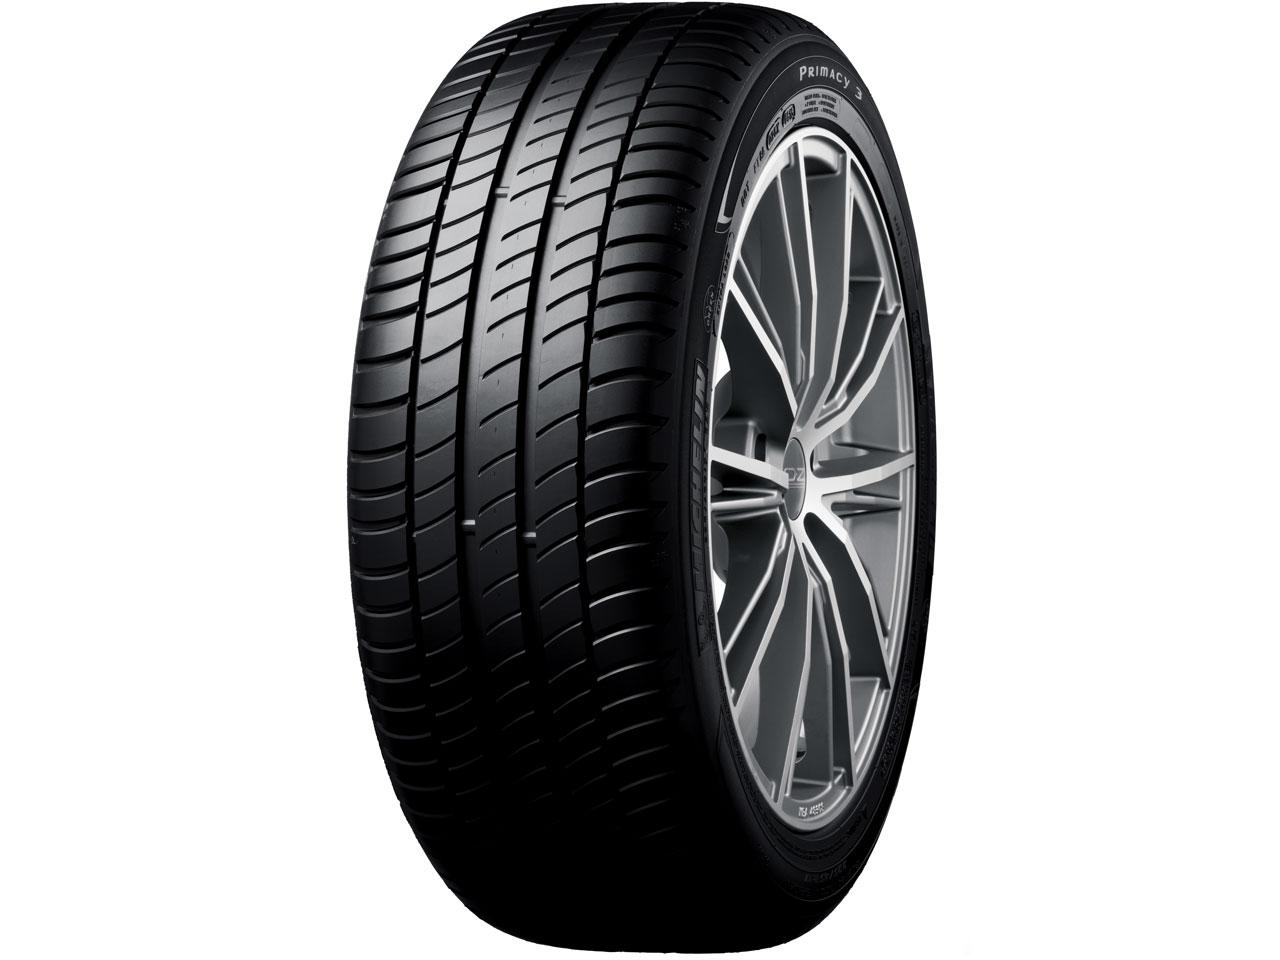 タイヤ・ホイール, サマータイヤ  20555R16 91V 3 MICHELIN PRIMACY3